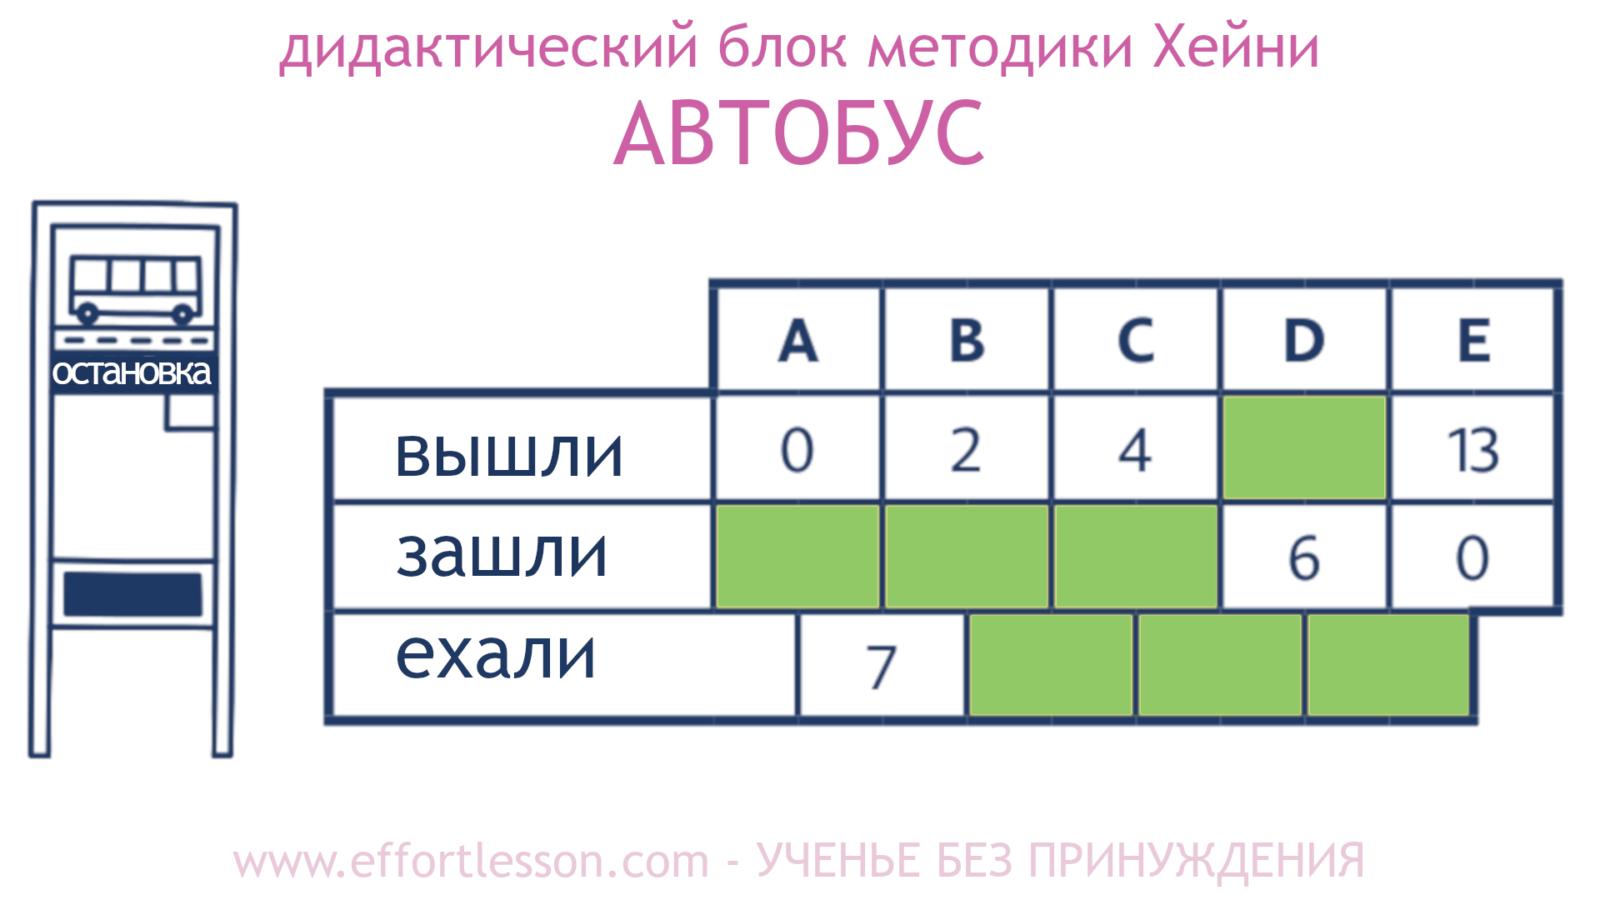 Таблица Автобус метод Хейни1